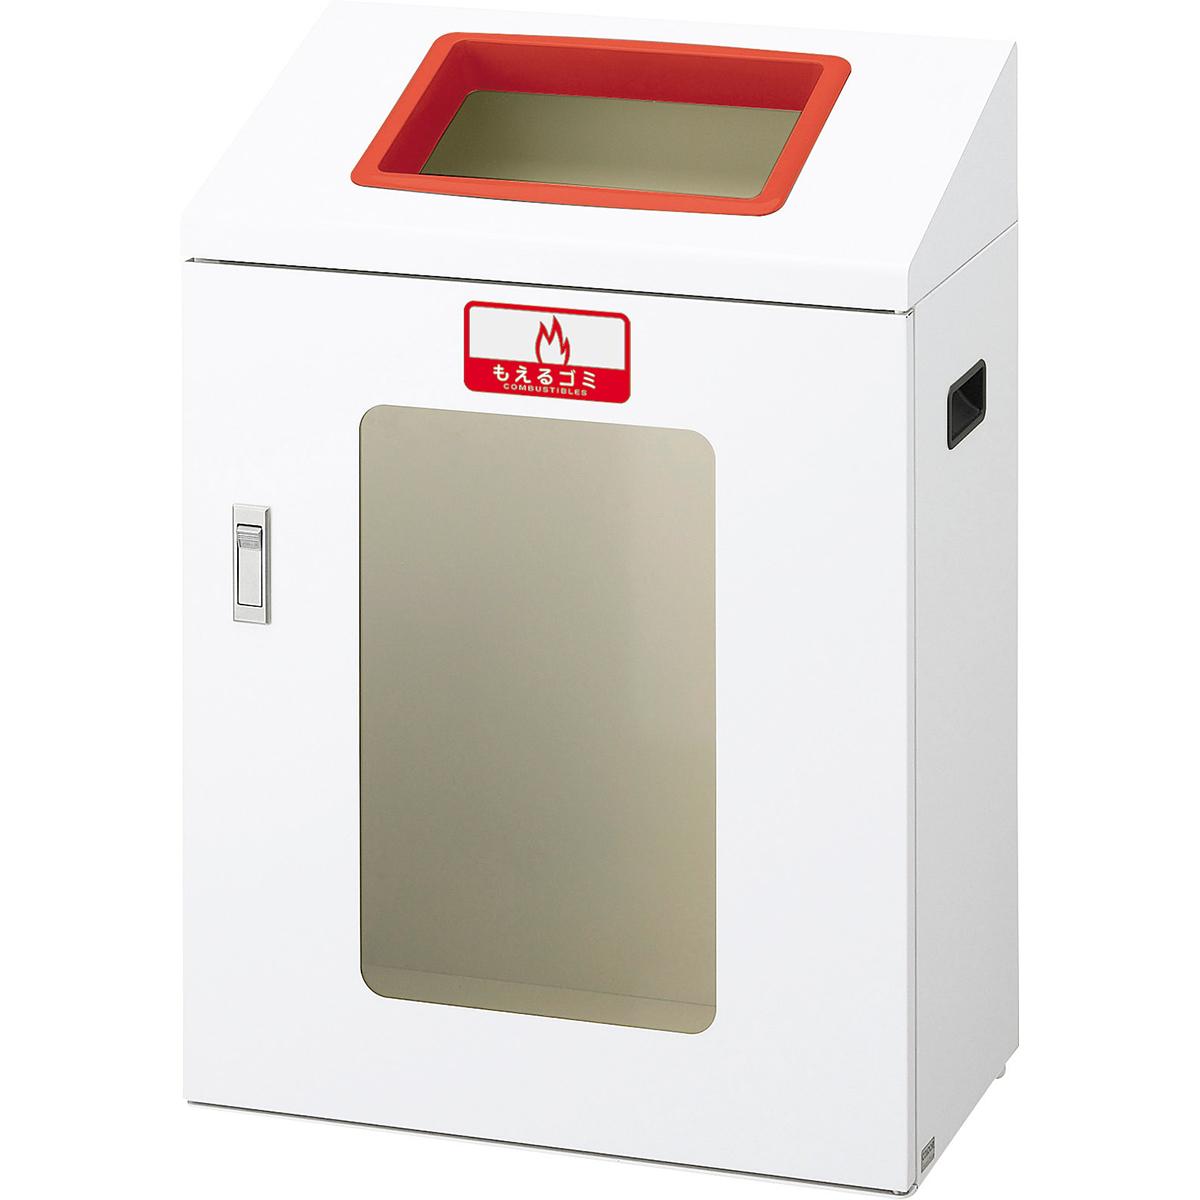 山崎産業 リサイクルボックス YIS-50 70L もえるゴミ/R(赤) (代引不可) YW-370L-ID